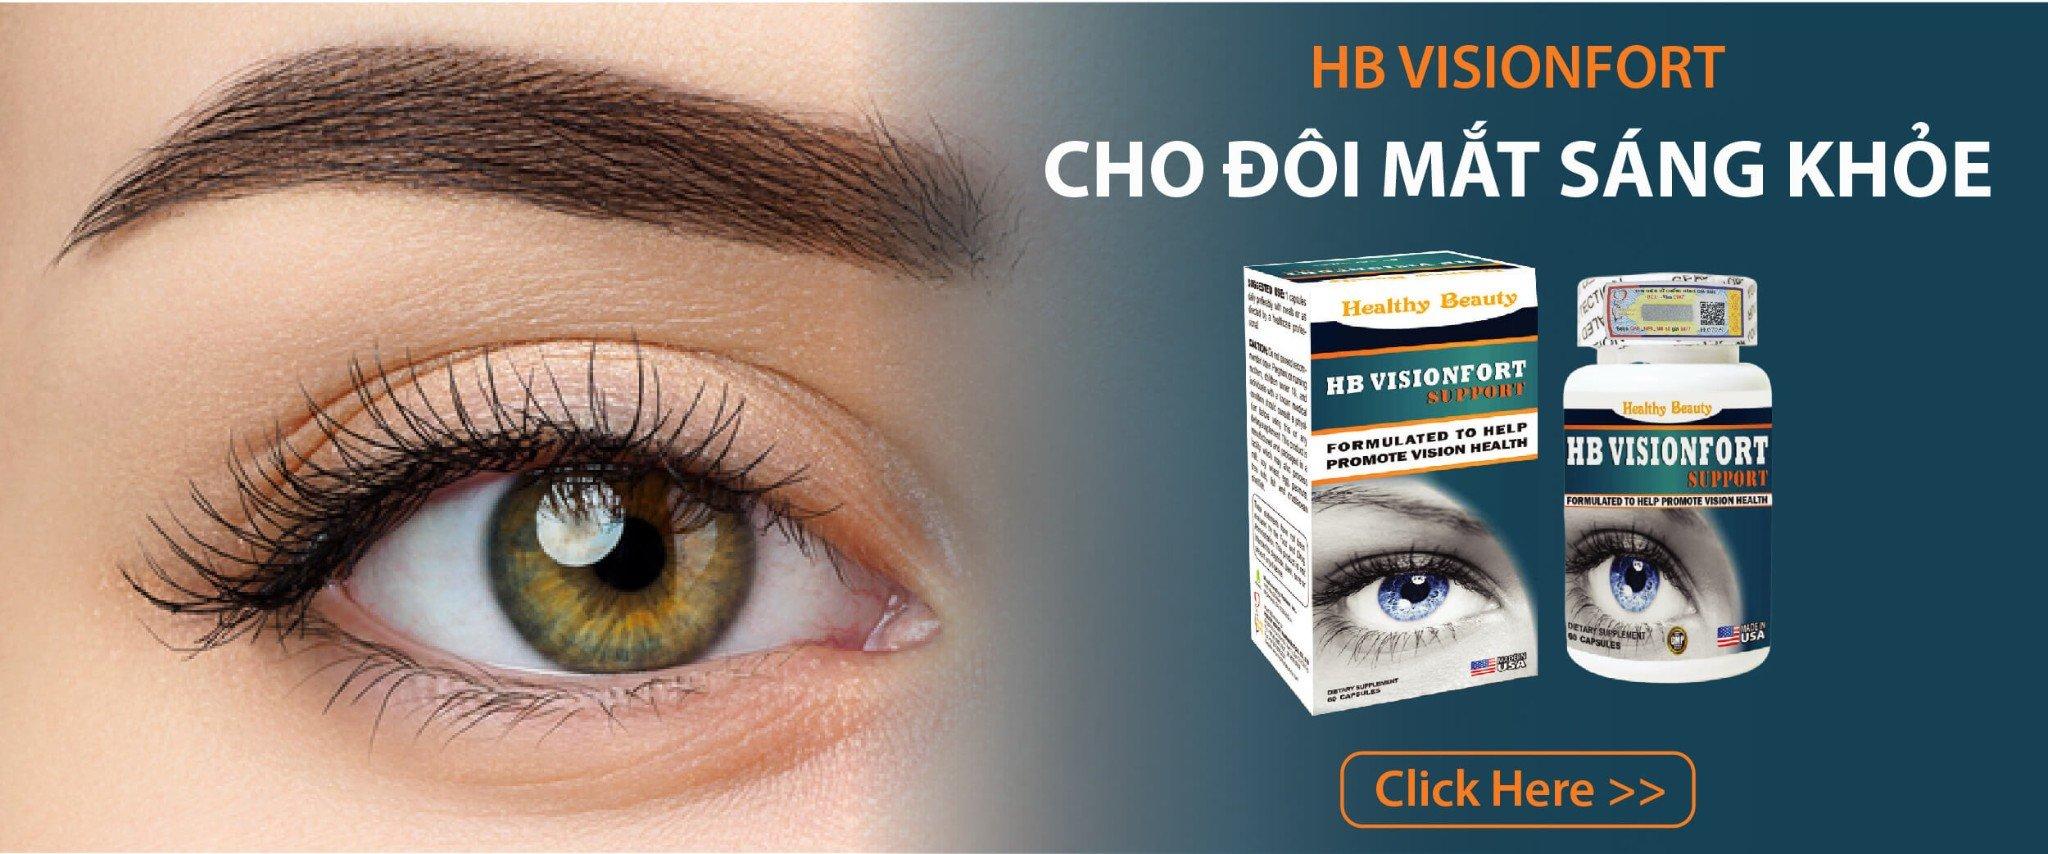 HB Vision Fort giúp mắt sáng khỏe